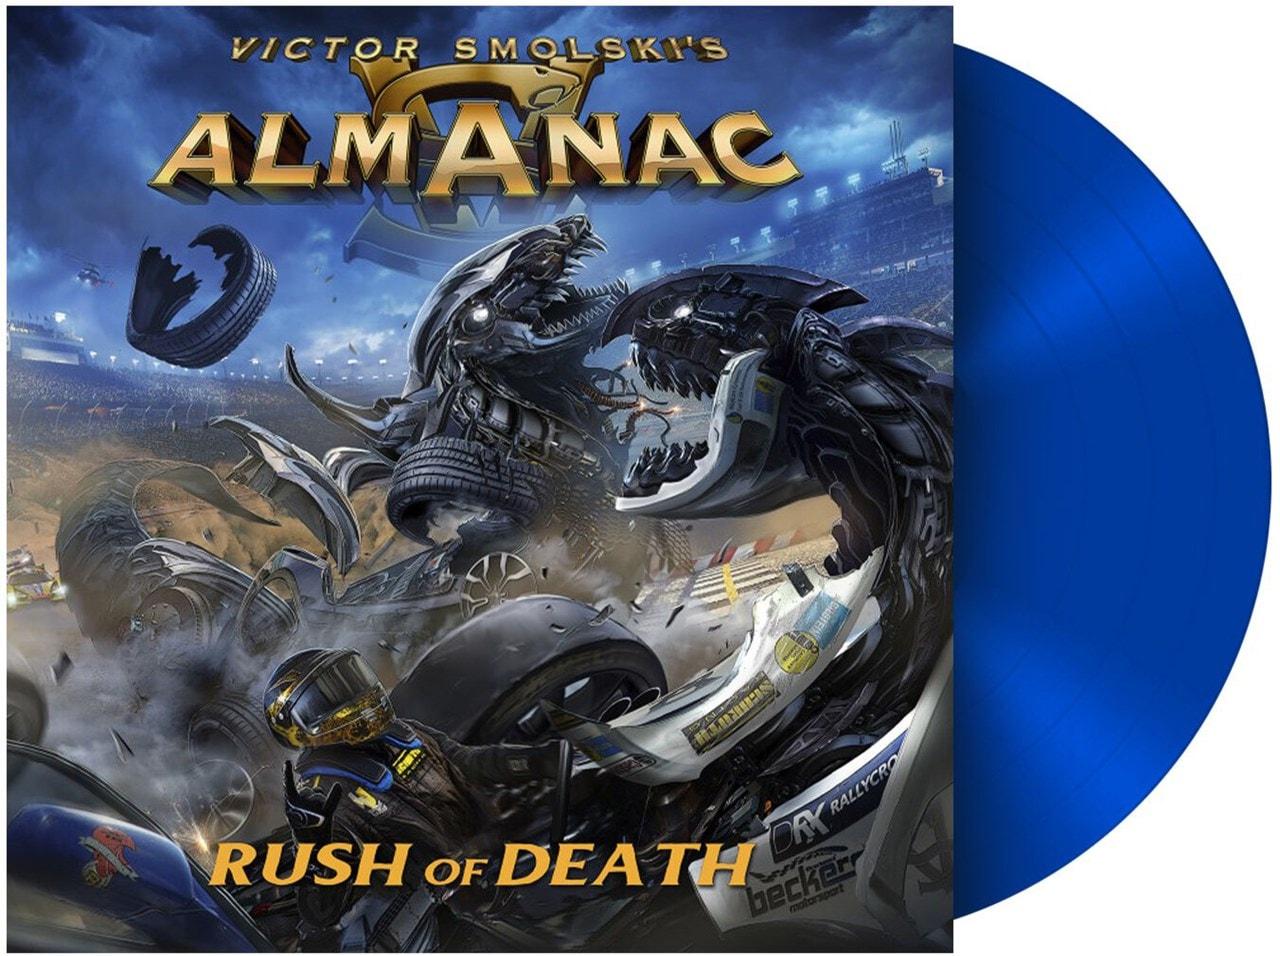 Rush of Death - 2